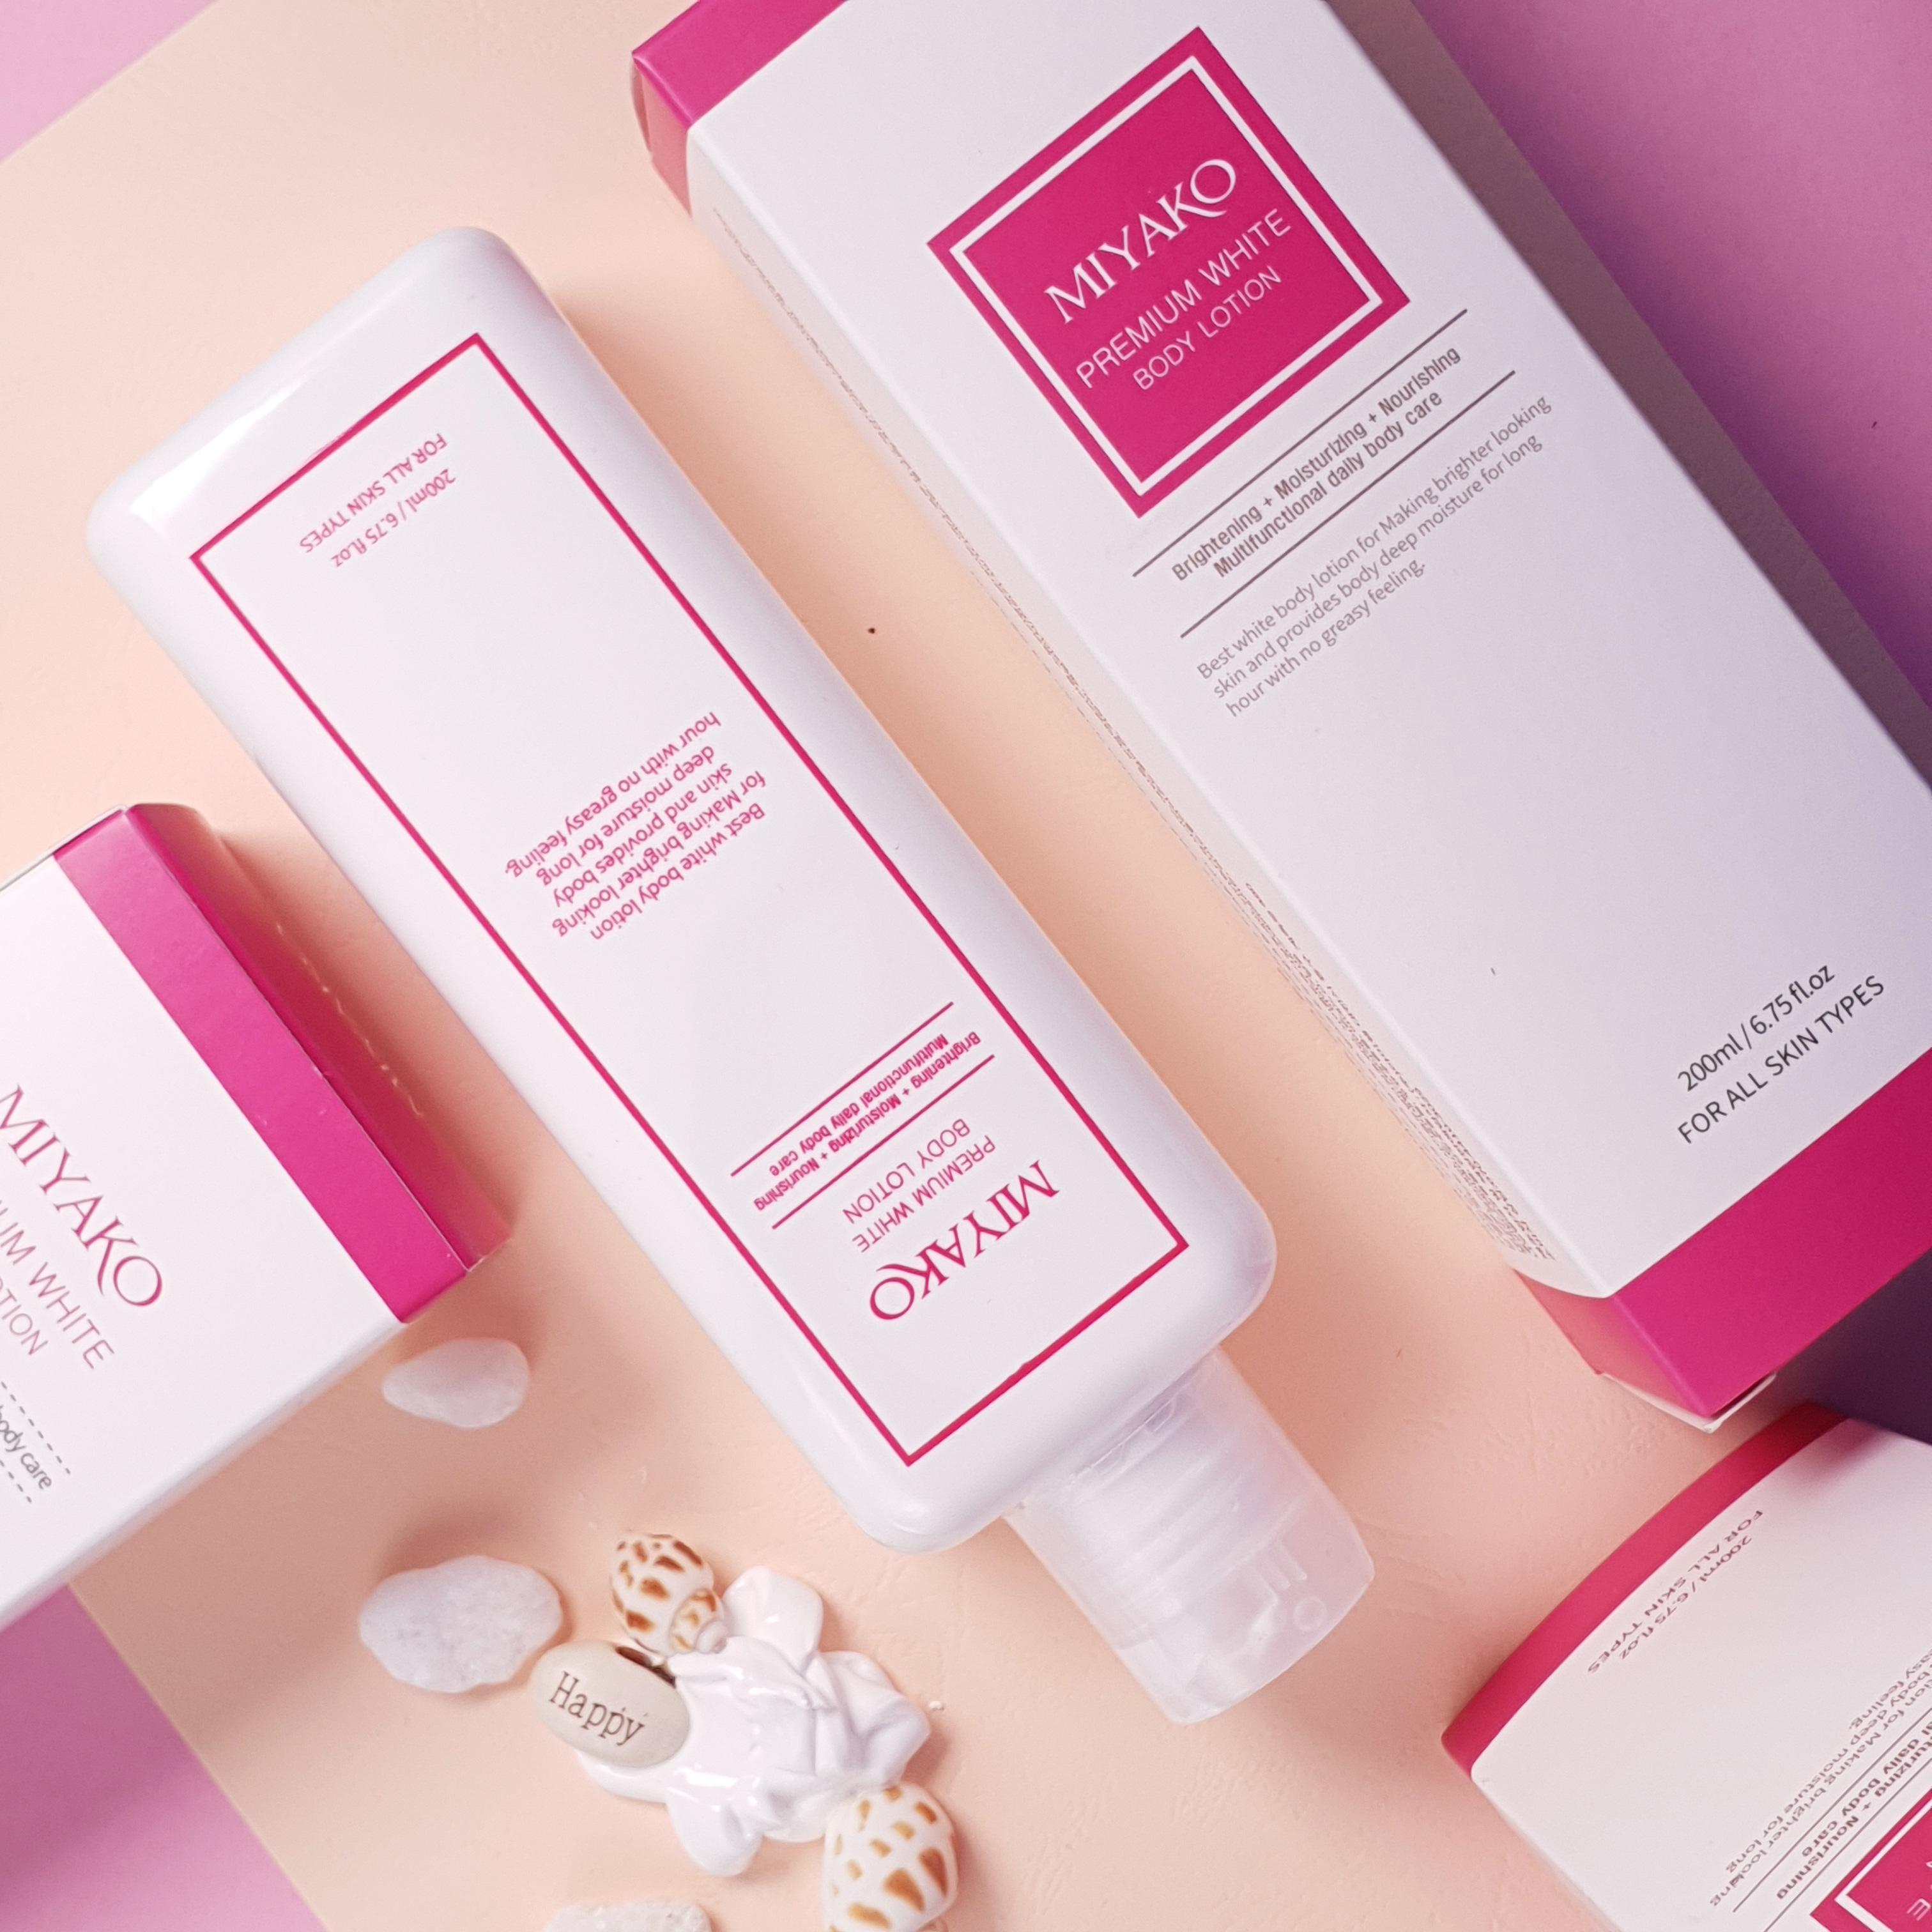 Kem Dưỡng Thể Trắng Da Toàn Thân 200ml – Miyako Premium White Body Lotion 200ml